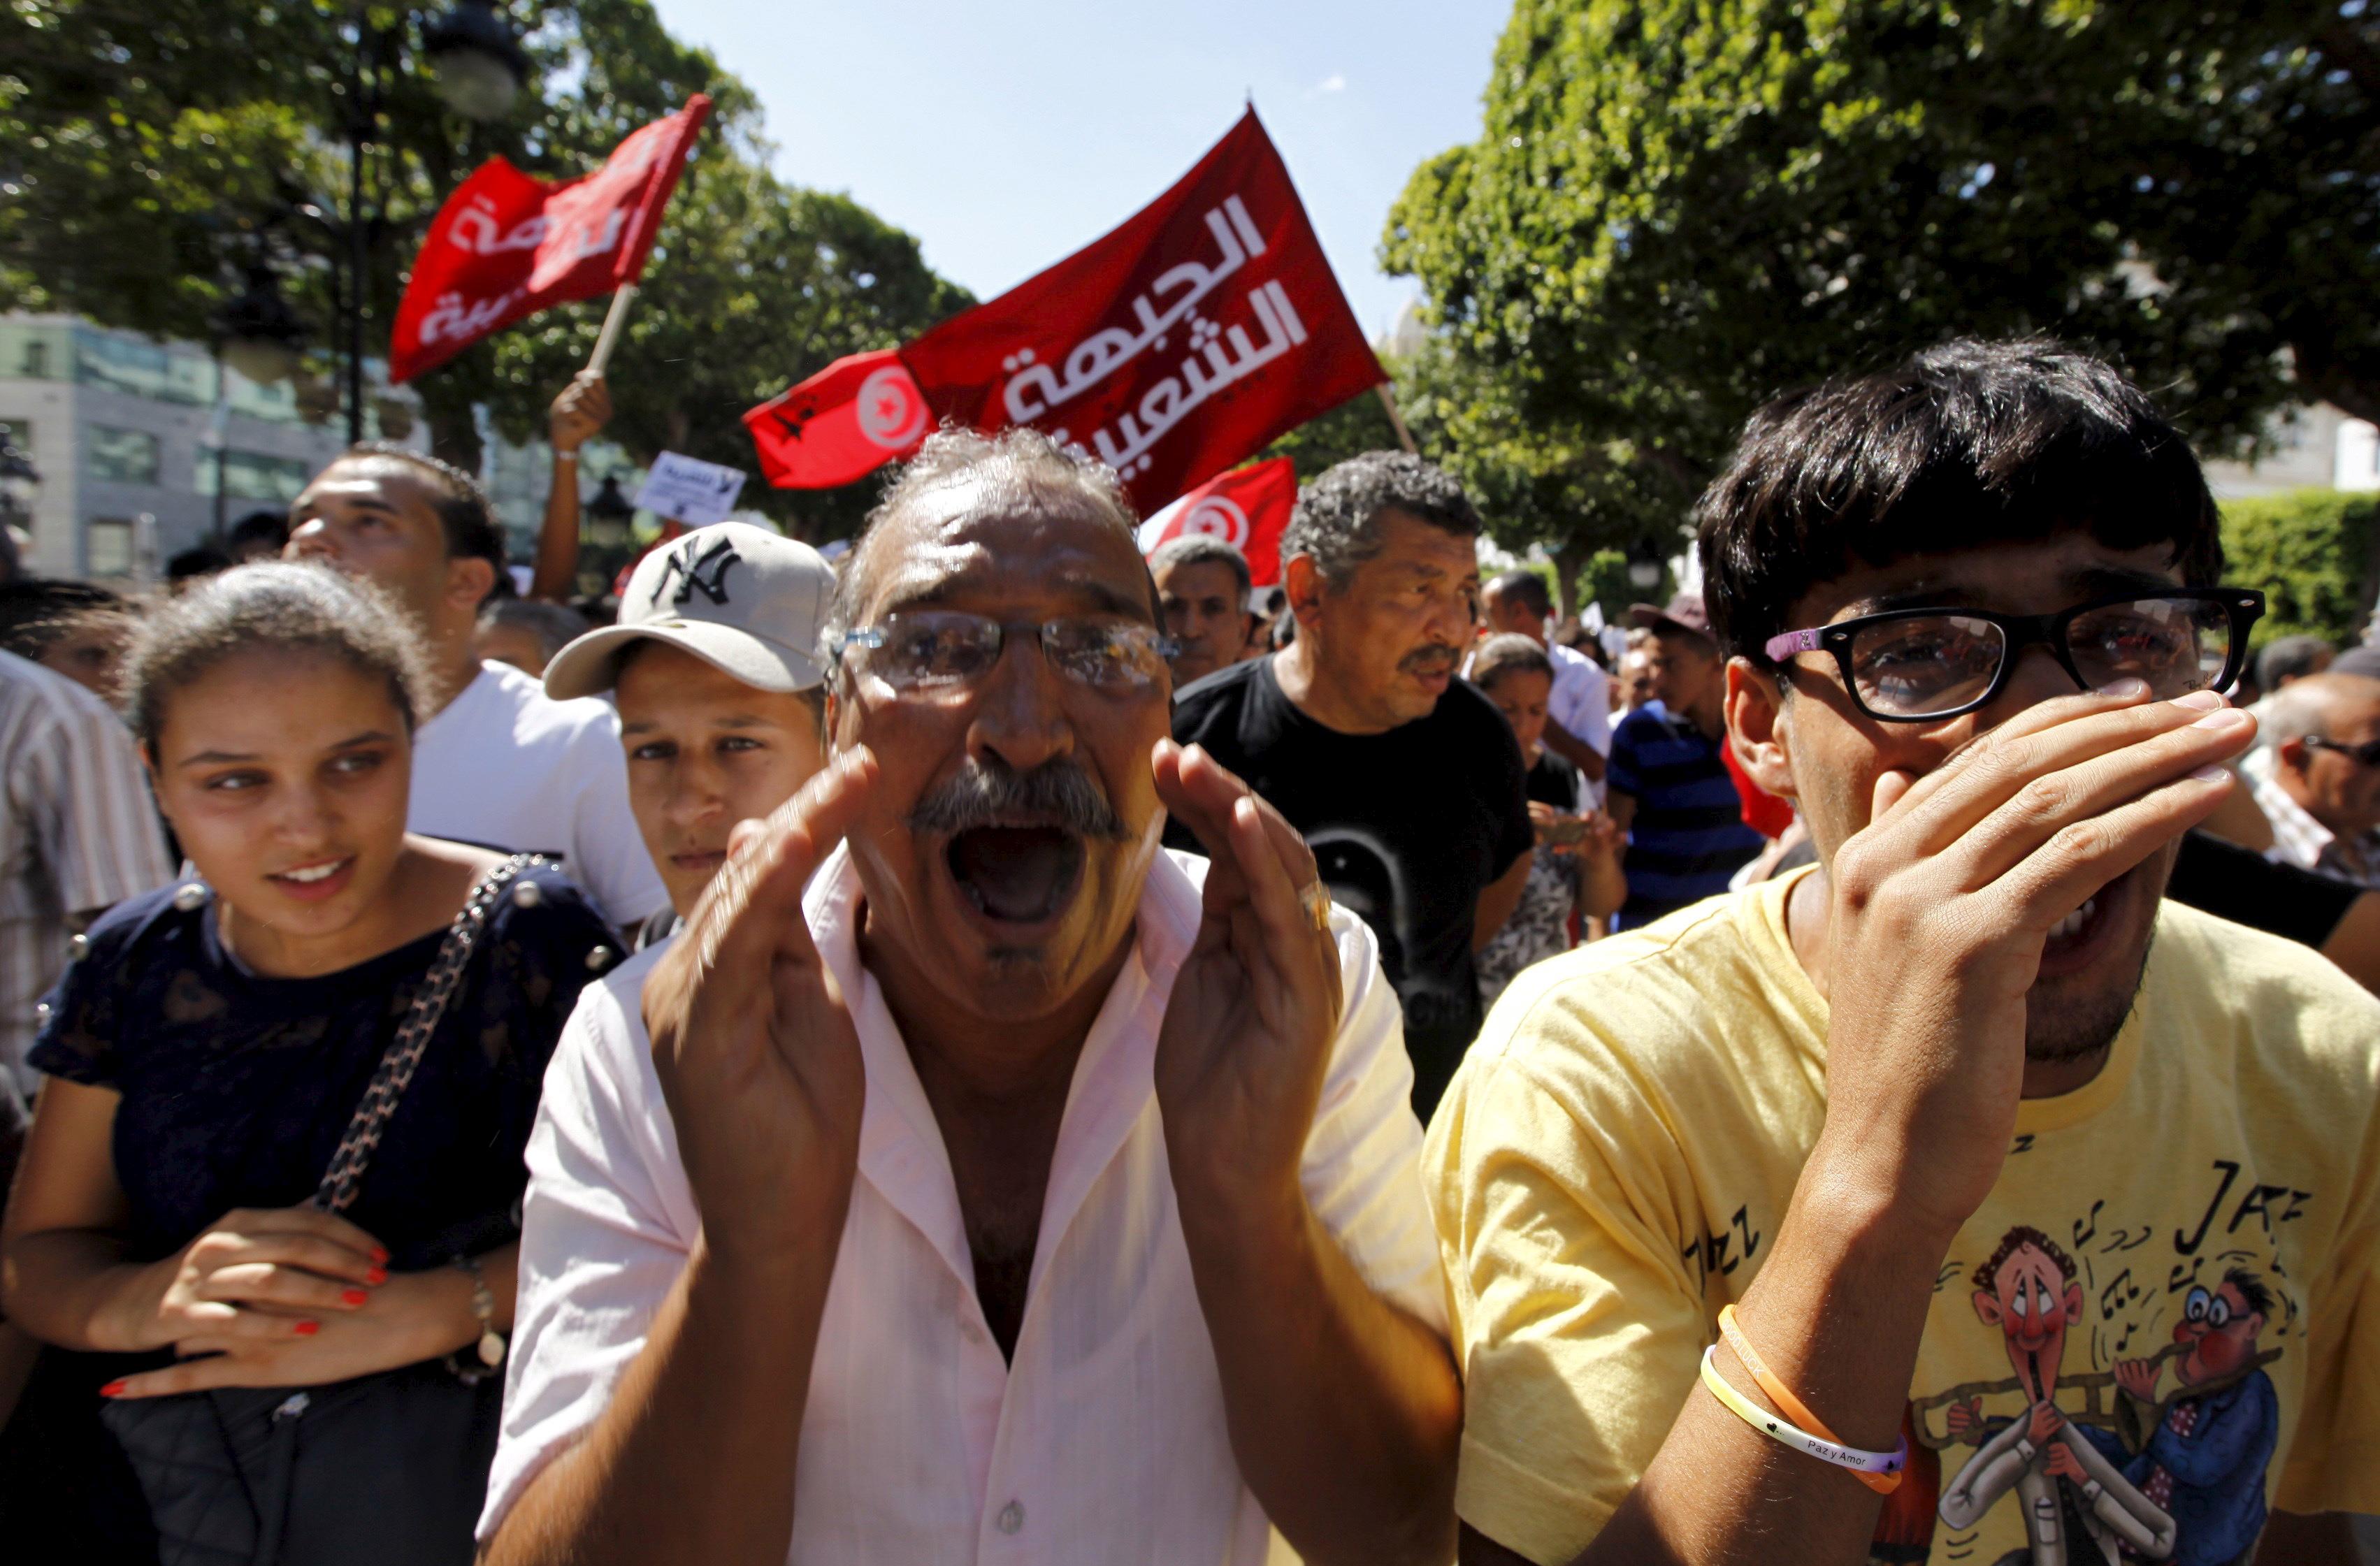 تصاعد وتيرة الإحتجاجات وإتهامات بالتزوير تطال هيئة الإنتخابات..والتوتر سيتواصل لــ 6 أشهر مقبلة